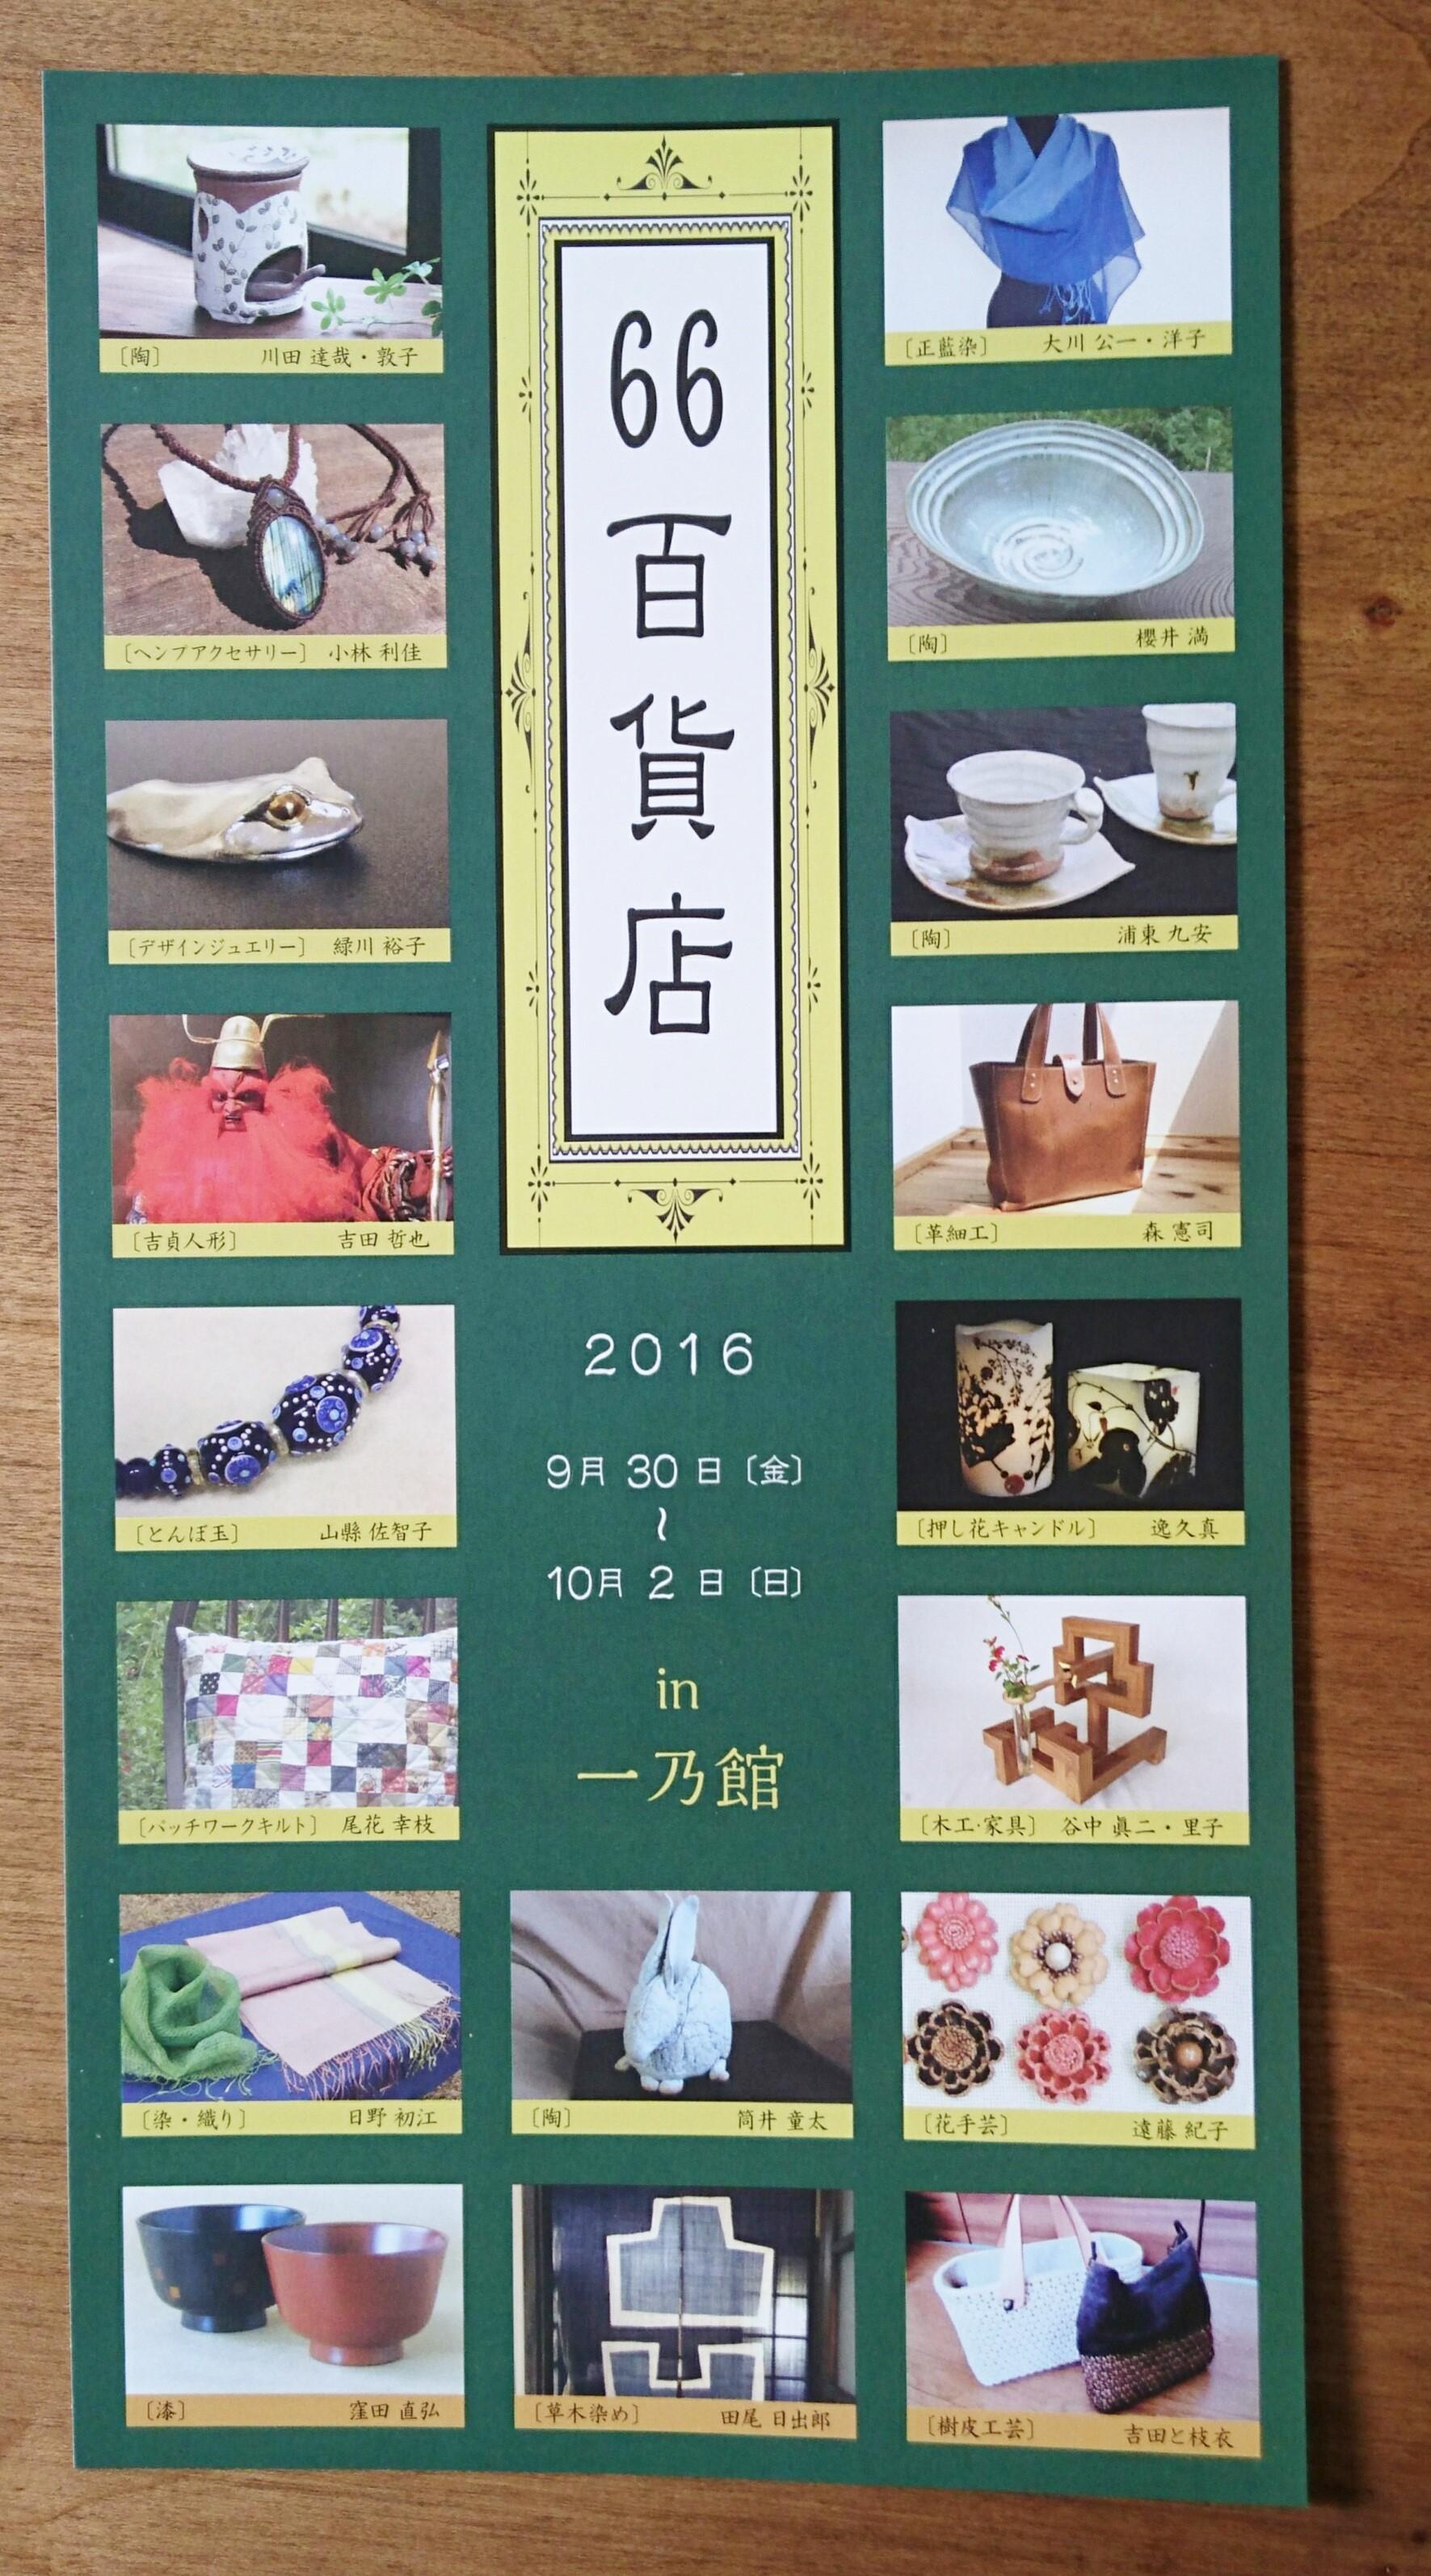 【佐野市】アート街道「66百貨店」が9月30日から10月2日まで開催されます